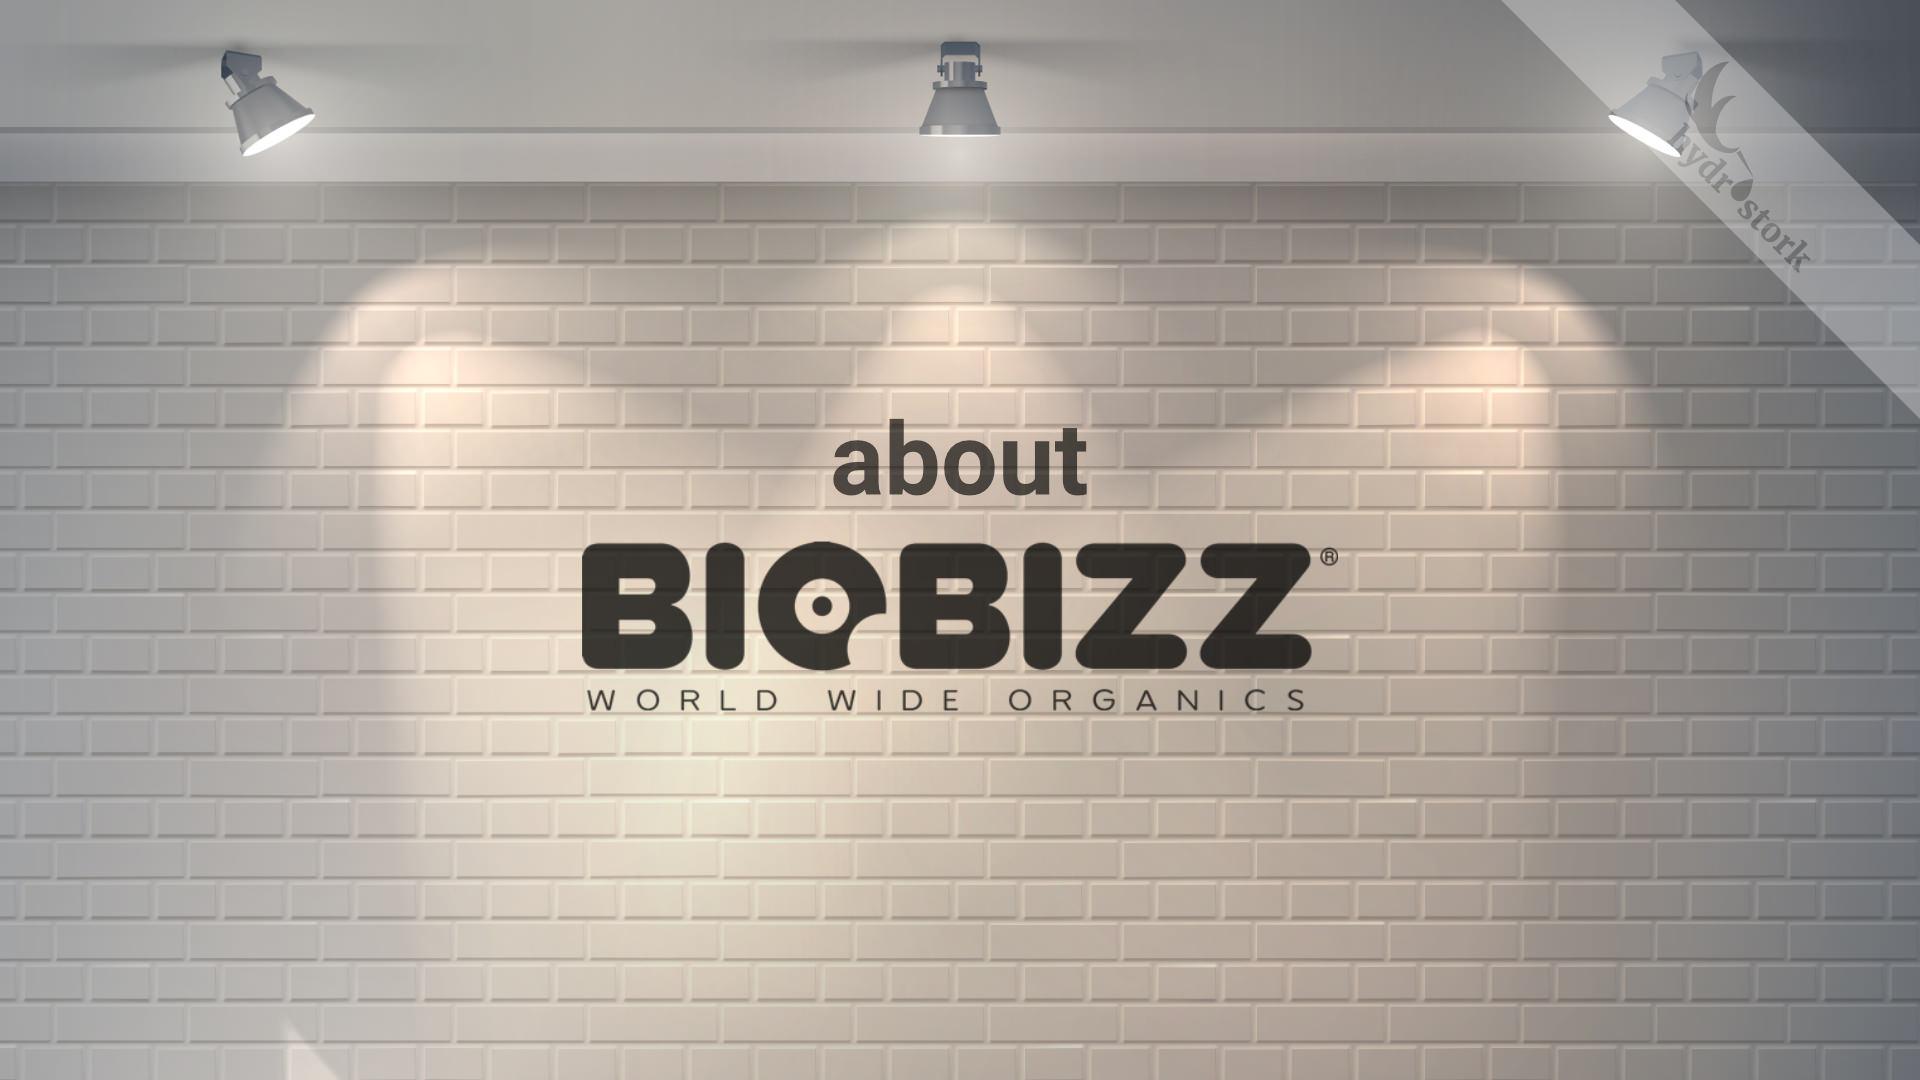 About Biobizz guide